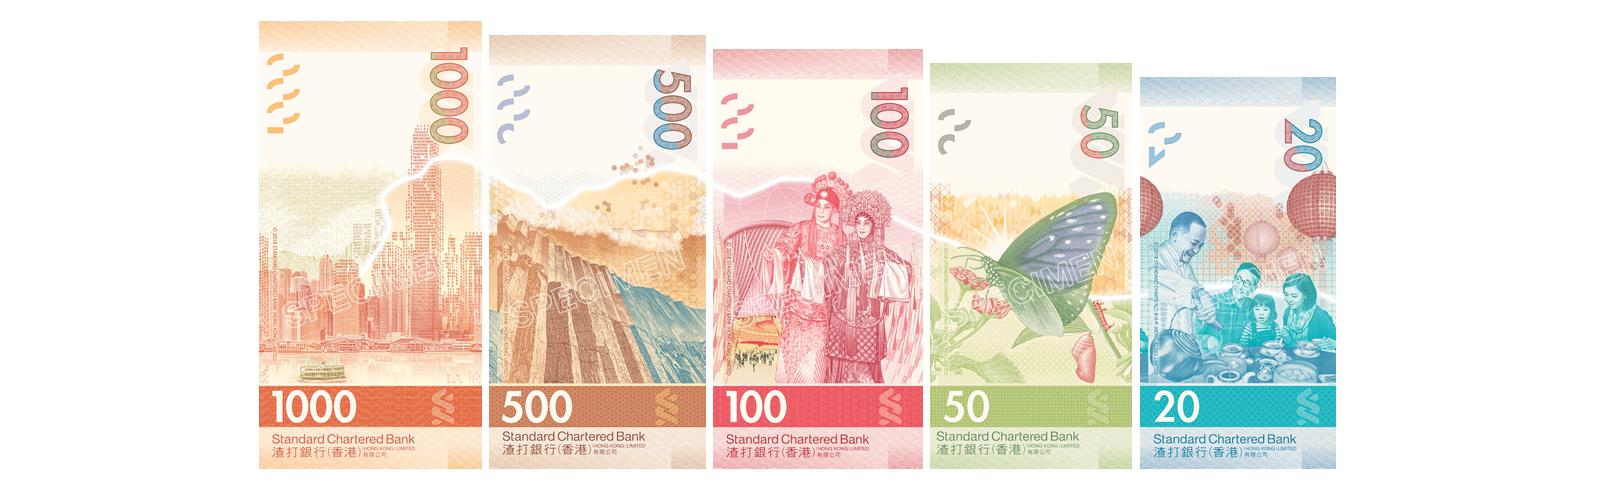 由渣打銀行在2018年發行的紙鈔